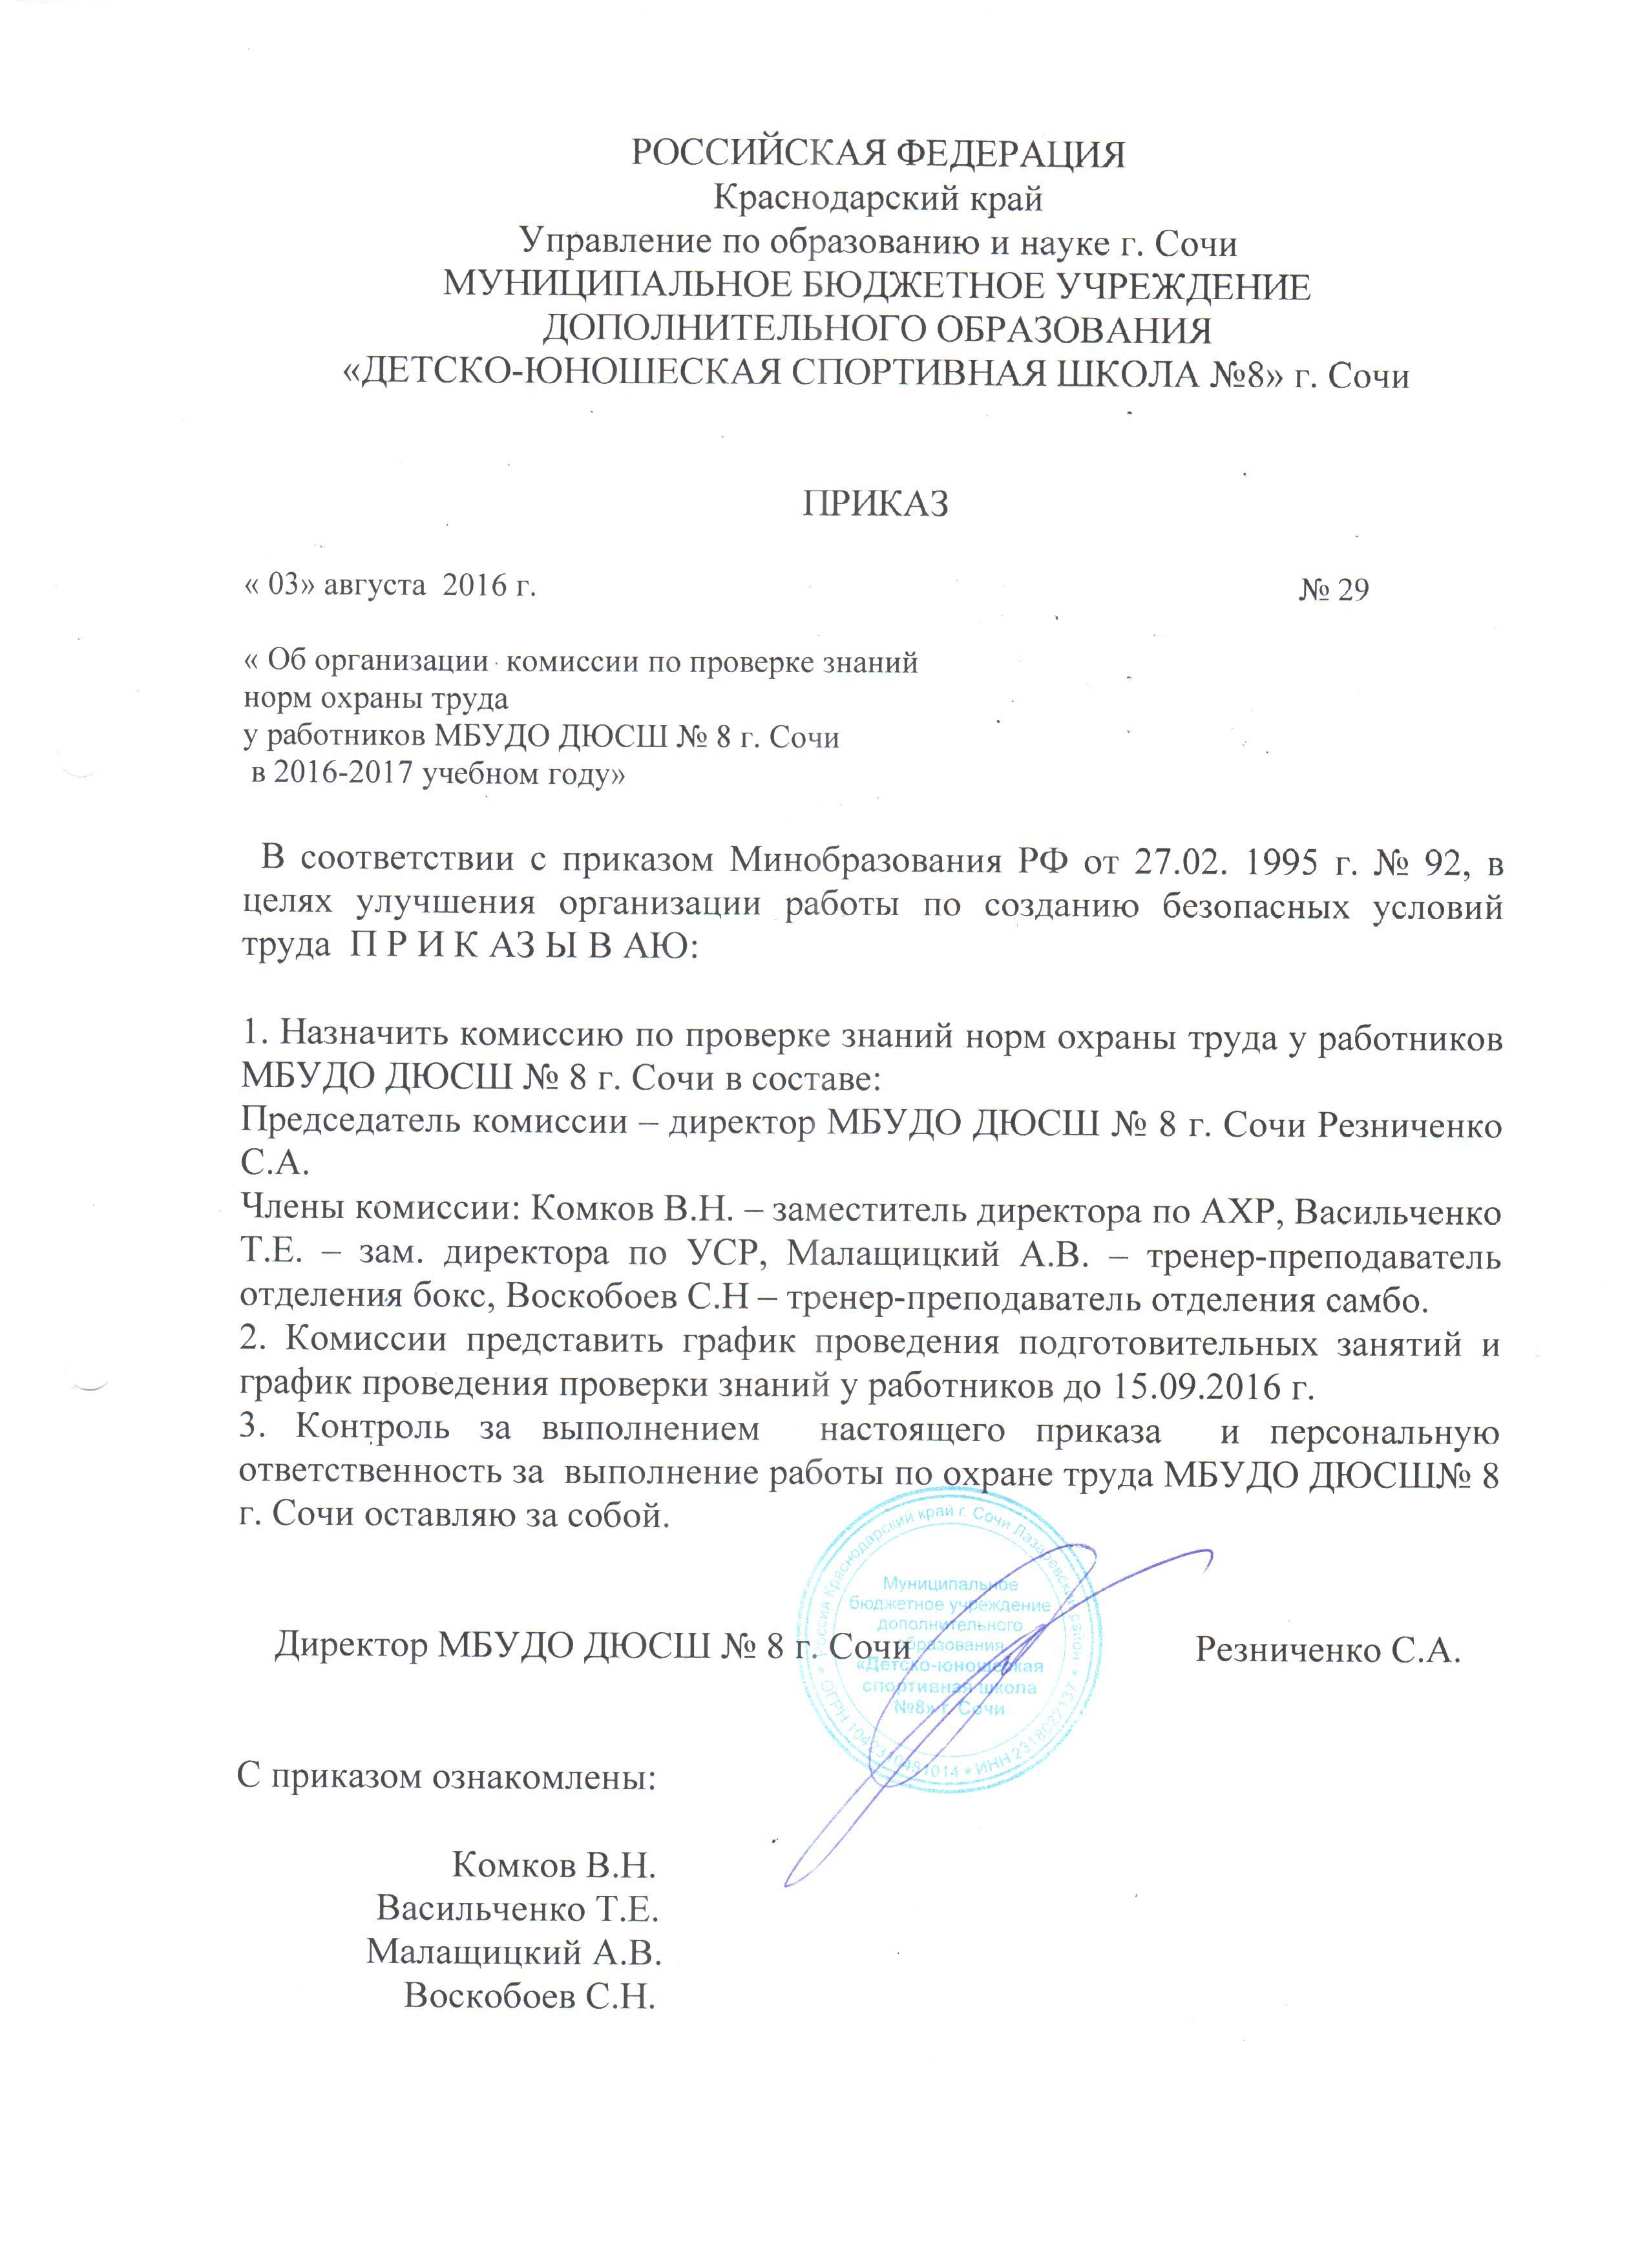 Приказ о создании комиссии по проверке знаний по ОТ на 2016-2017 уч.г.